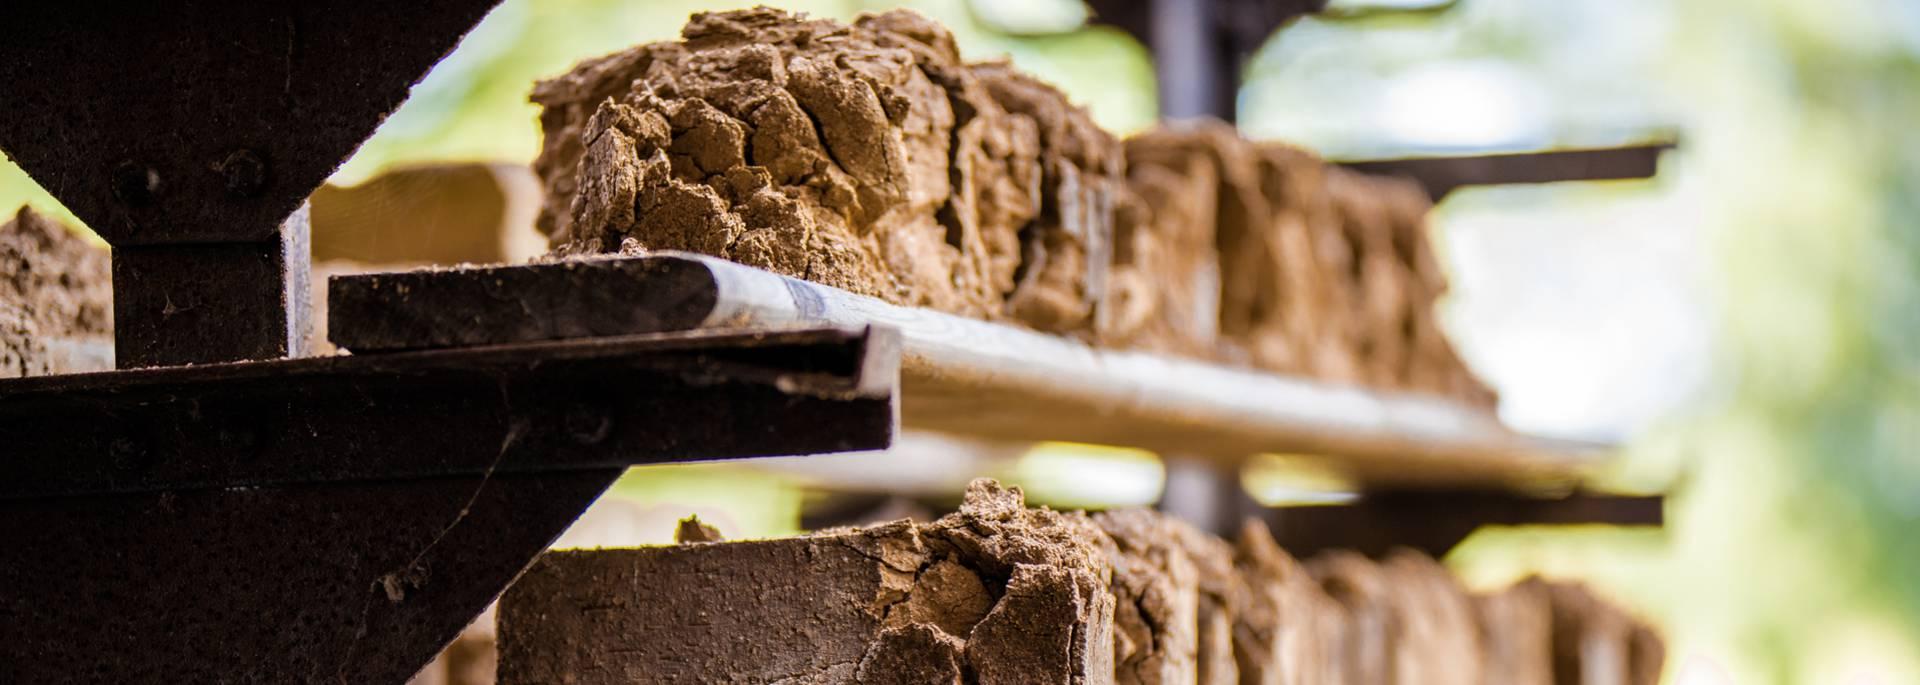 Le séchage des briques avant cuisson à la Briqueterie, Ciry-le-Noble. © Franck Juillot.